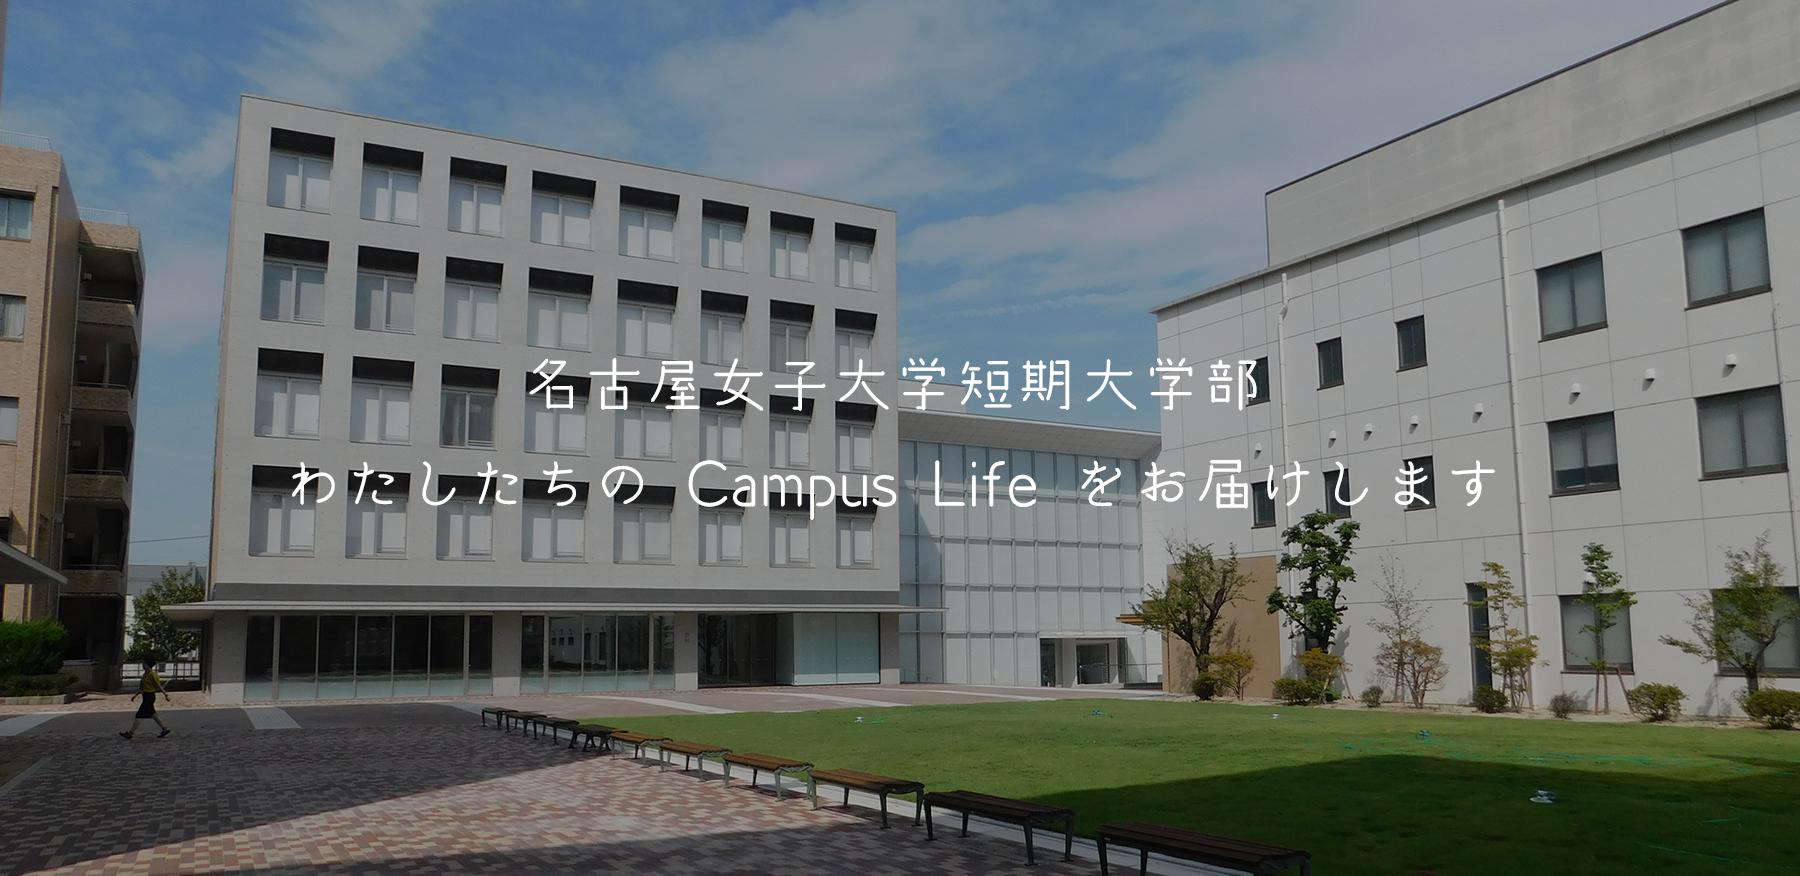 わたしたちの Campus Life をお届けします